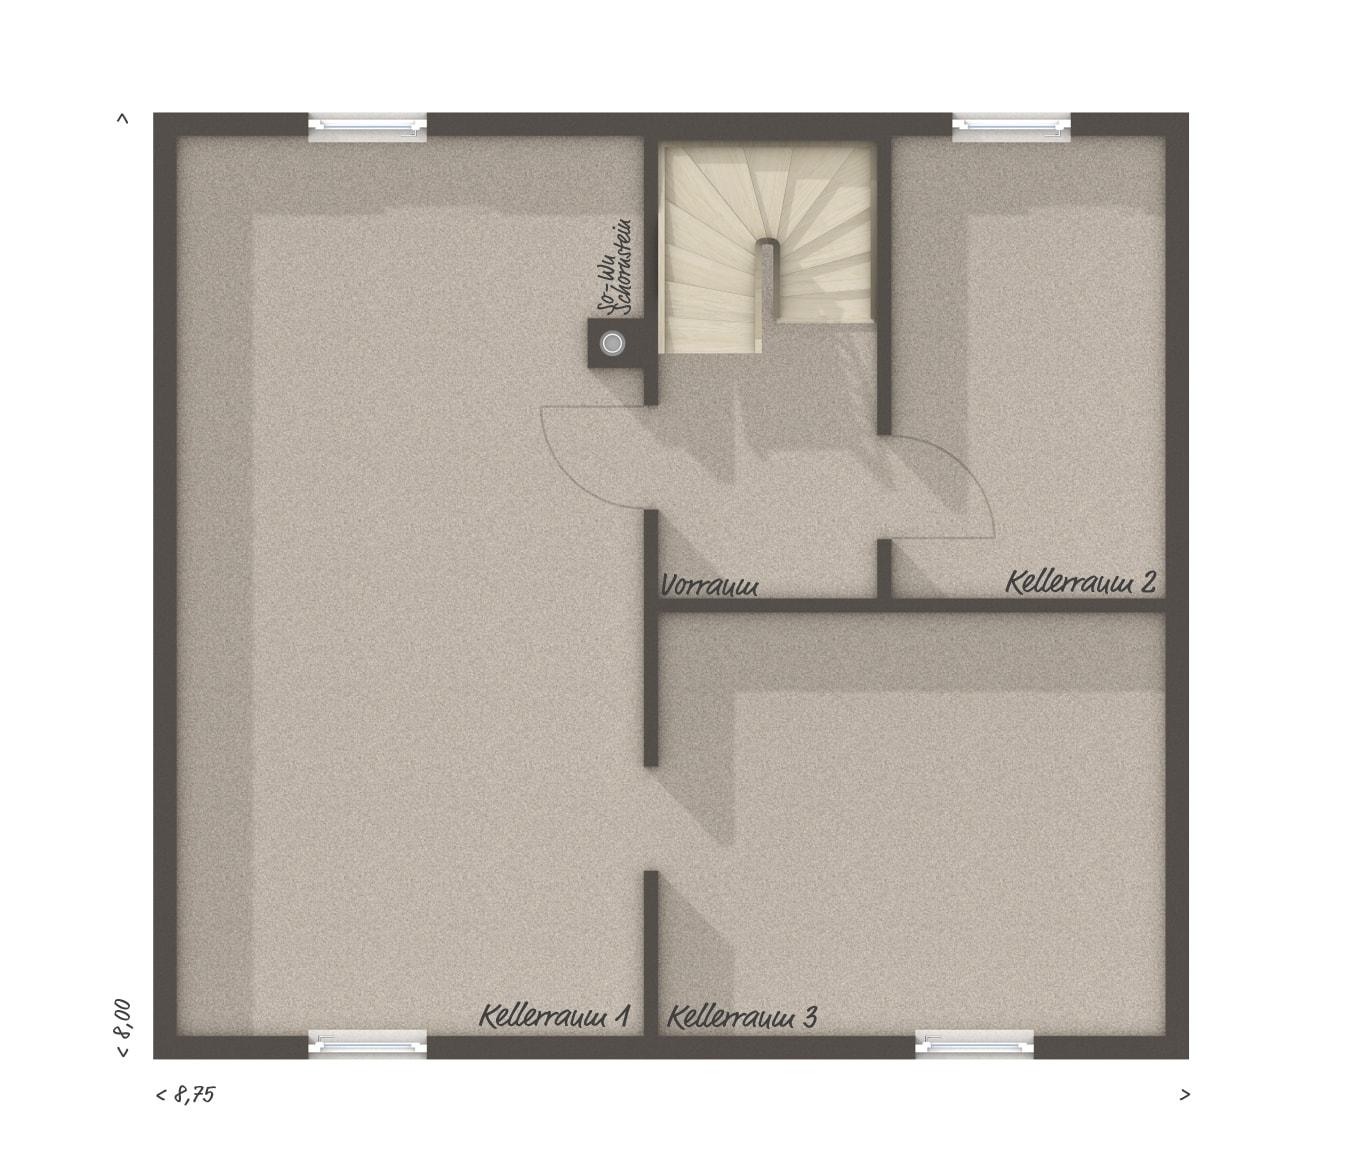 Grundriss Einfamilienhaus Keller - Massivhaus Raumwunder 100 Süd von Town & Country Haus - HausbauDirekt.de